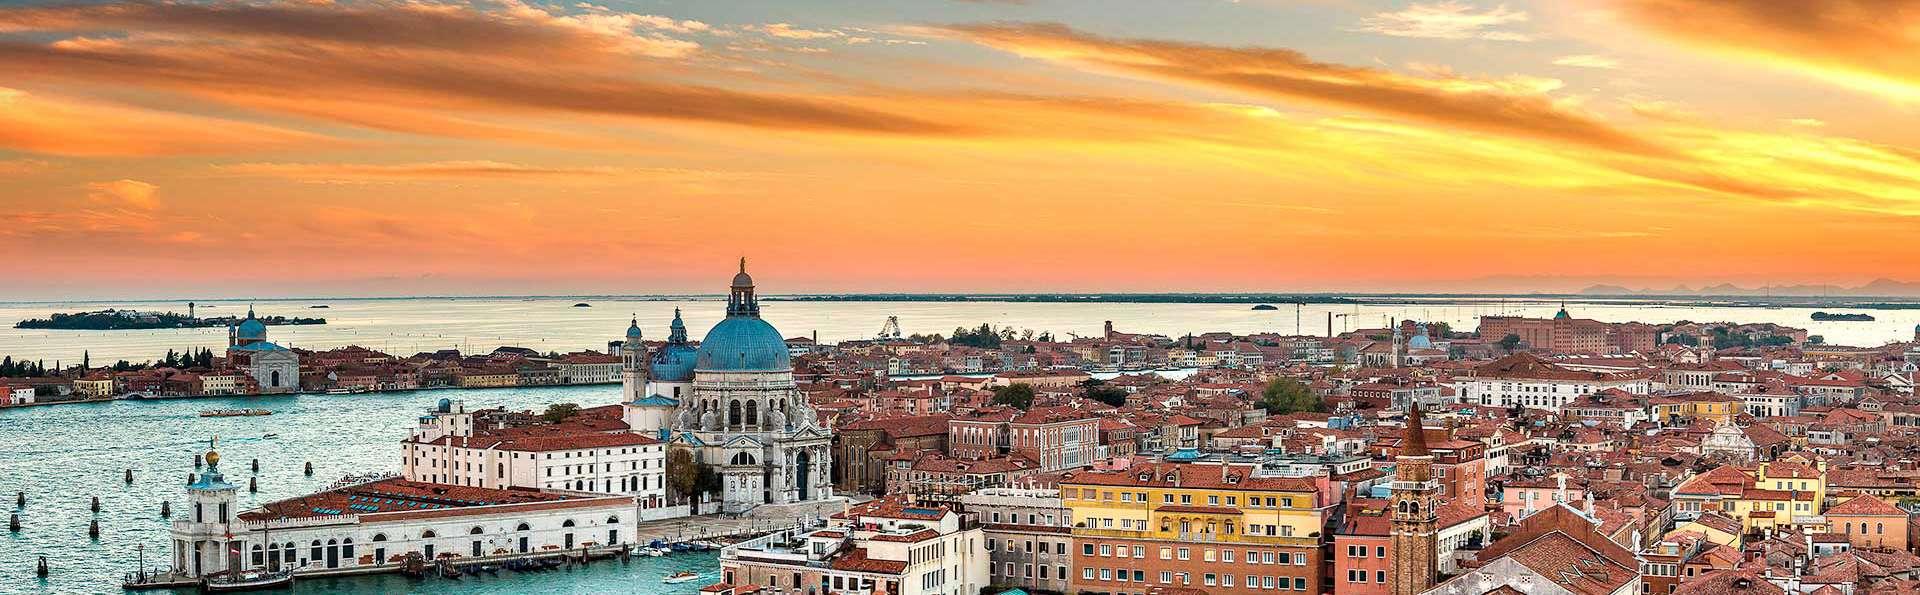 Séjournez entre Mestre et Venise avec le service de navette vers le centre de Venise inclus !